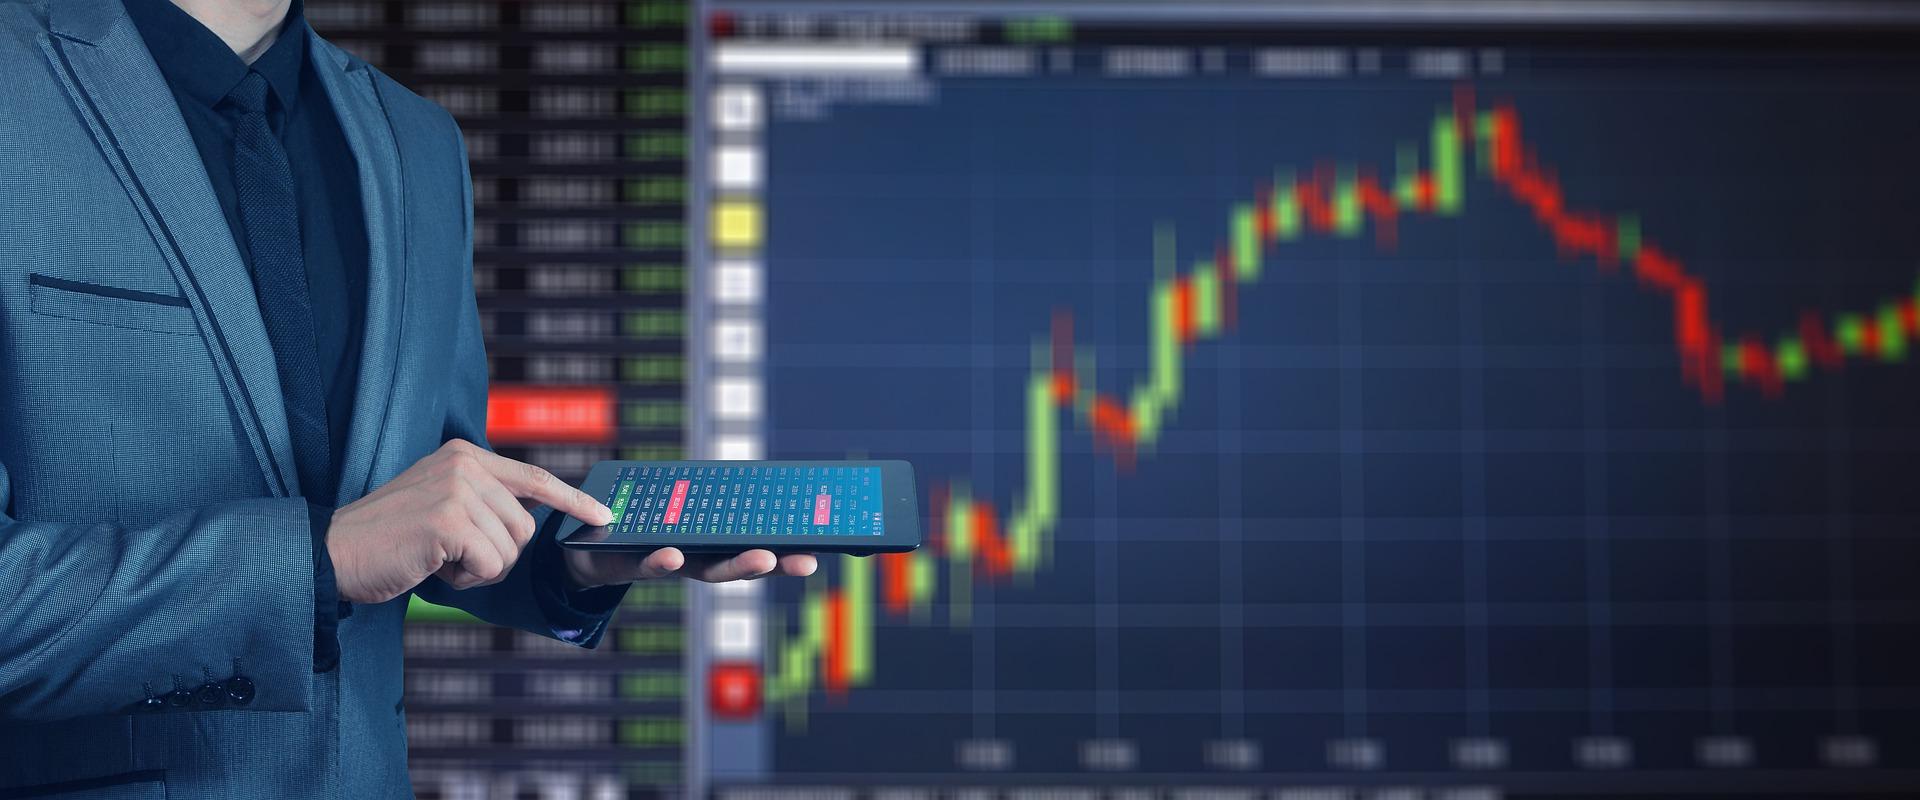 STOCK MARKET TRAINING INSTITUTE IN BENGALURU